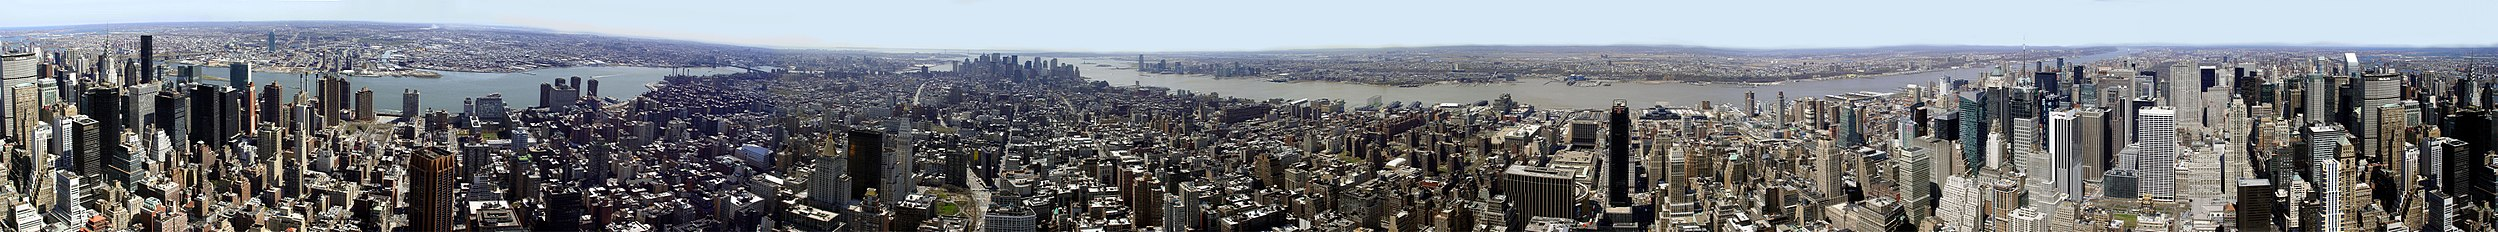 פנורמה של ניו יורק.